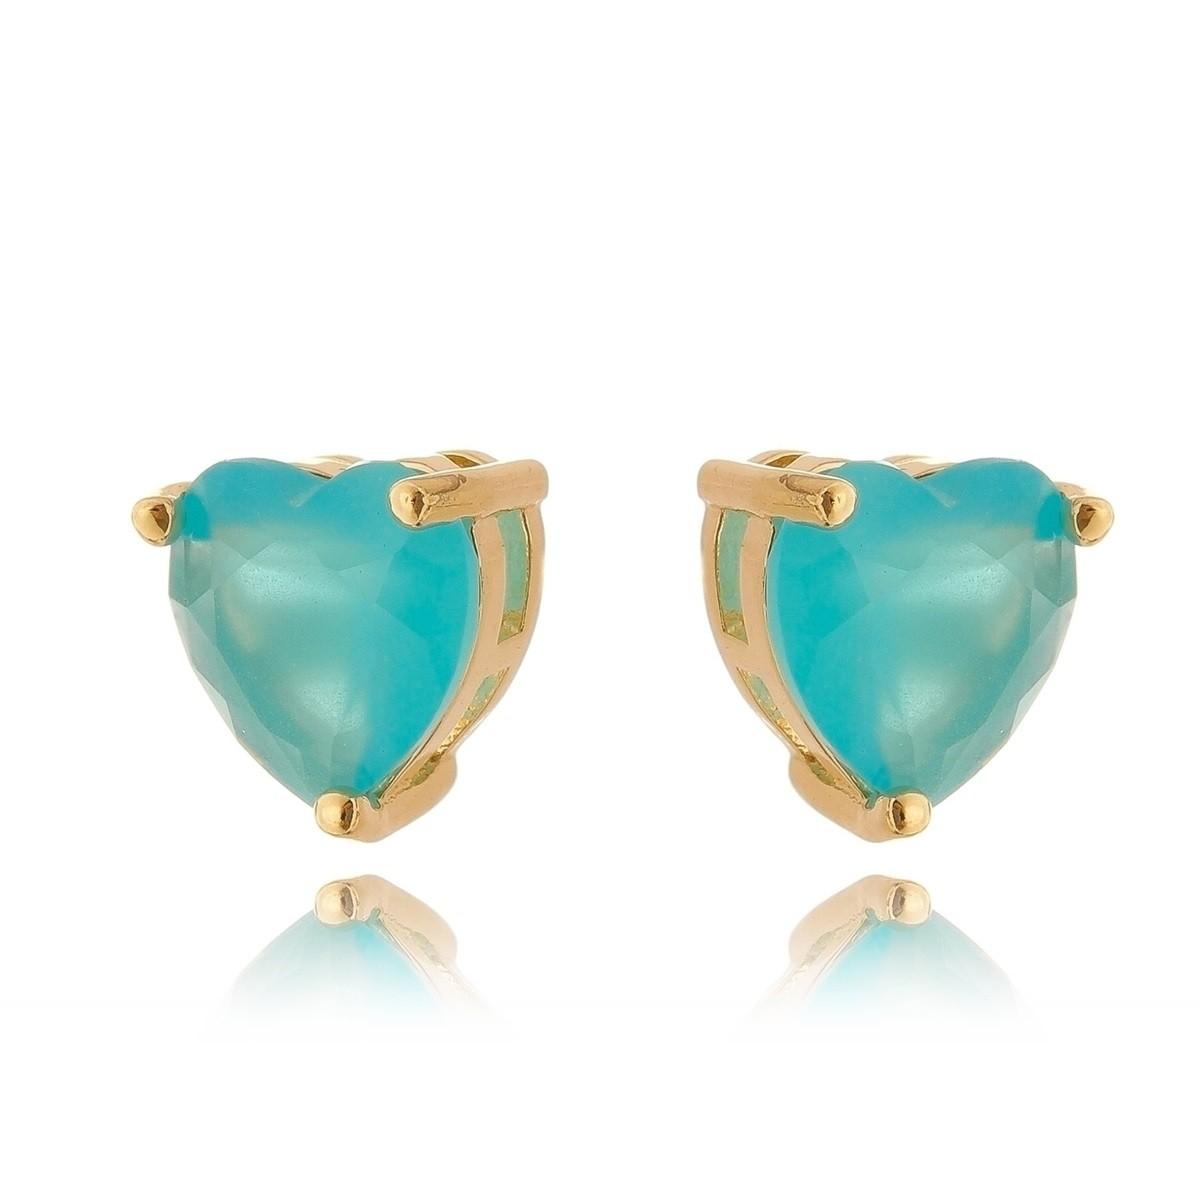 Brinco Azul Claro Coração Semijoia em Ouro 18K   - Soloyou